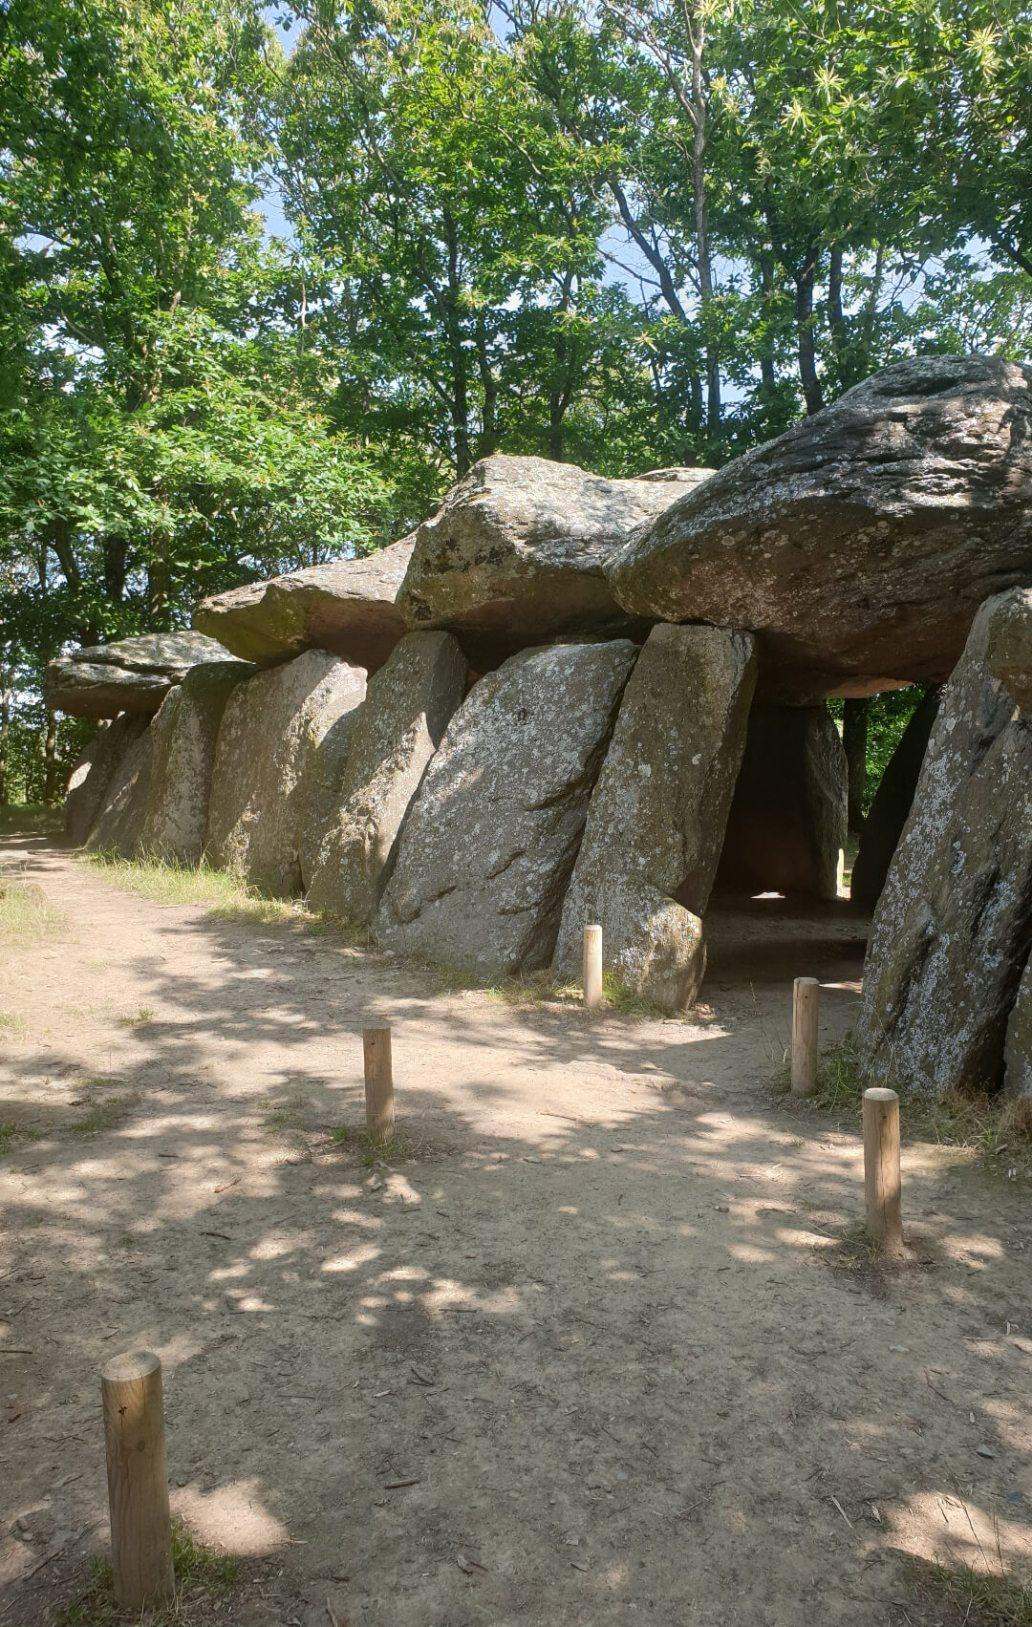 IMG 20200623 215450 490 - La Roche aux fées : une excursion historique